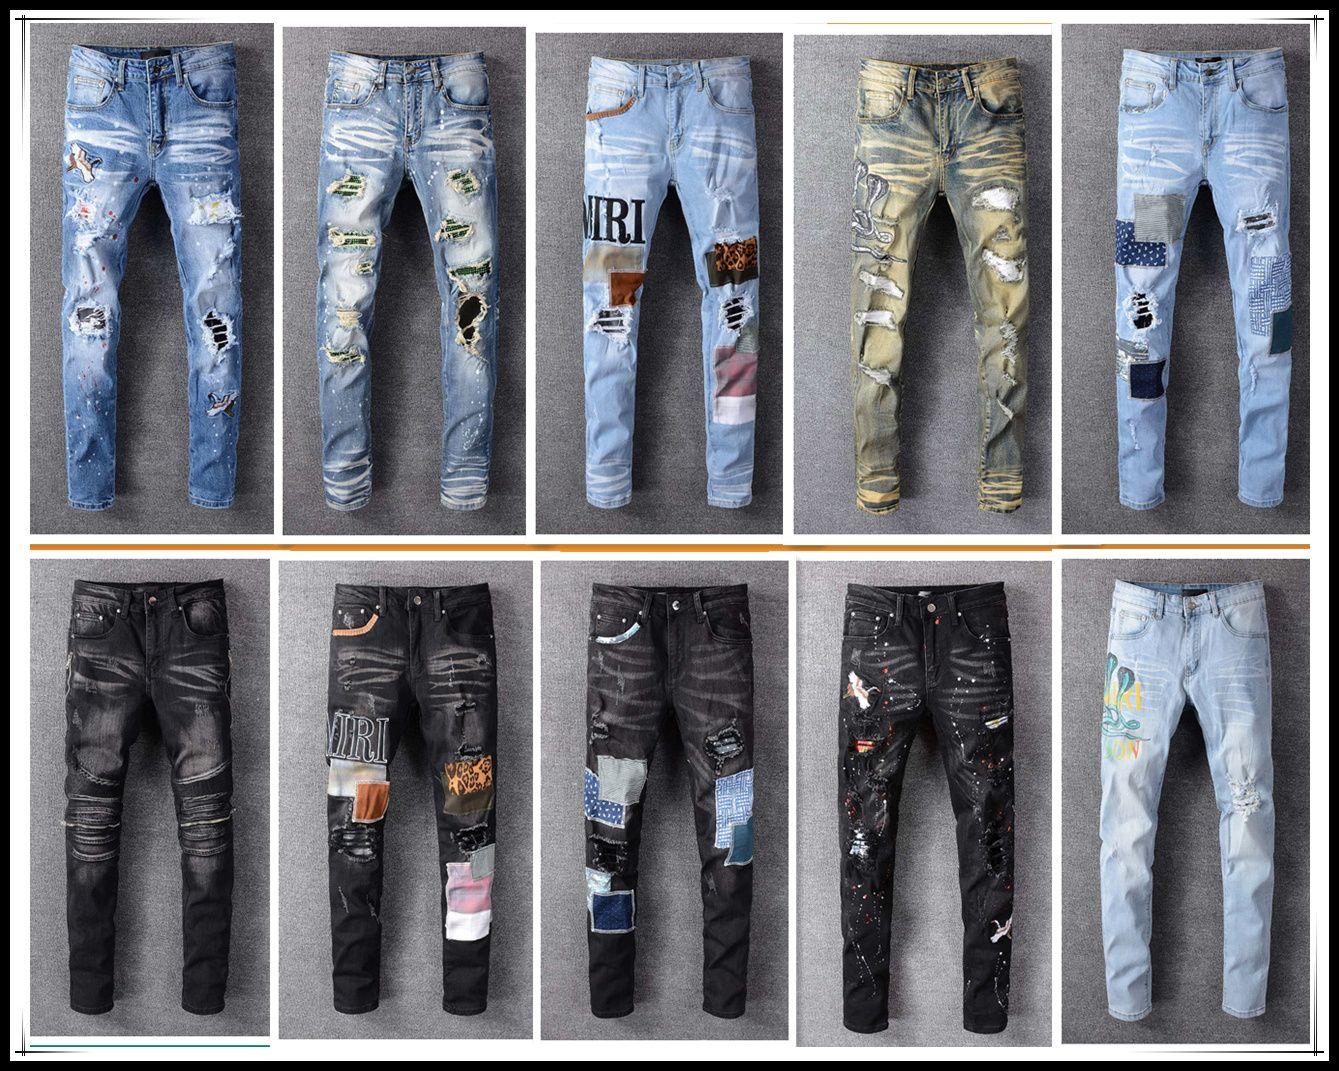 Compre 2020 Brazo Del Disenador De Moda Para Hombre Ripped Jeans Motorista De Cuero Del Remiendo Del Ajustado De Black Denim Moto Joggers Para El Varon Jeans Gastados Pantalones 28 40 A